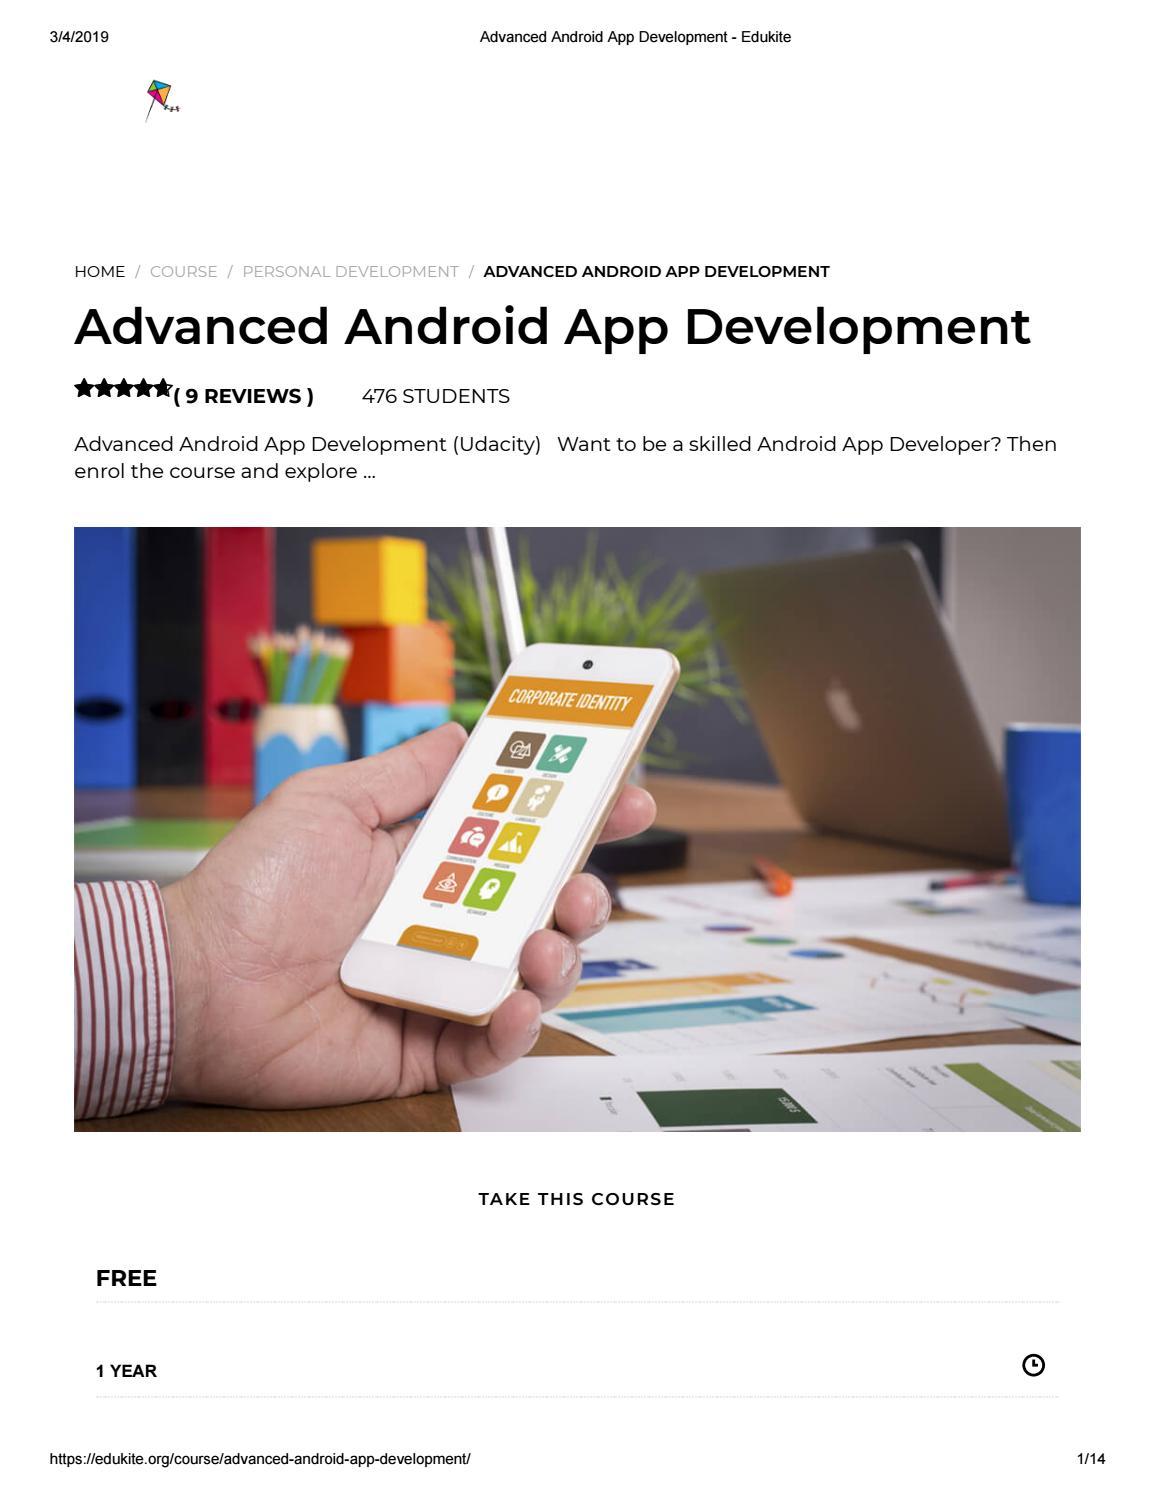 Advanced android app development - edukite by EduKite - issuu